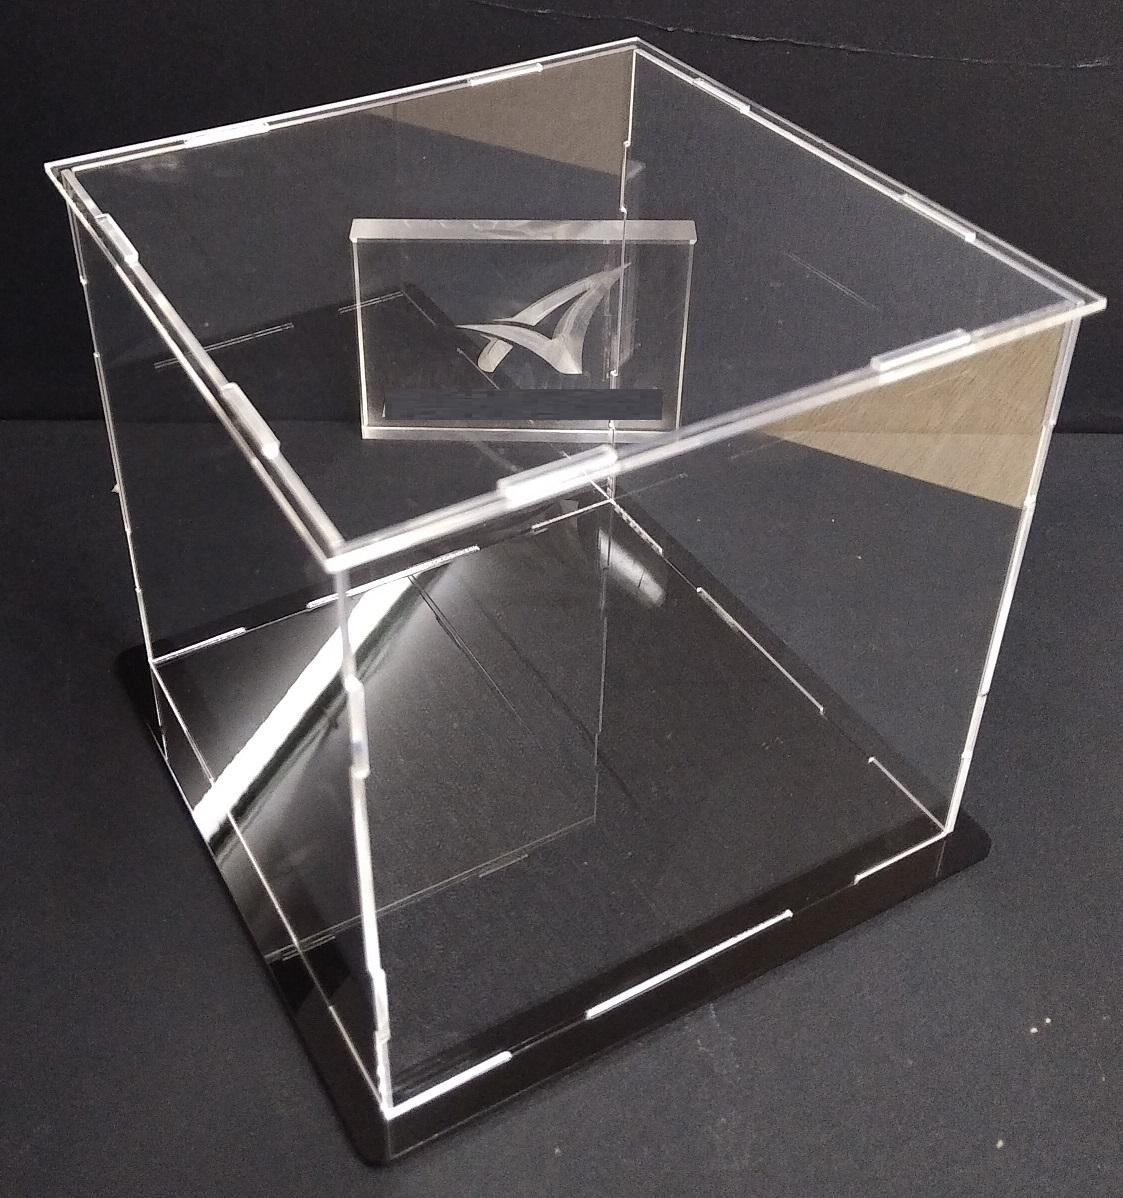 Hộp trưng bày 25x25x25cm mica trong lắp ghép bày mô hình